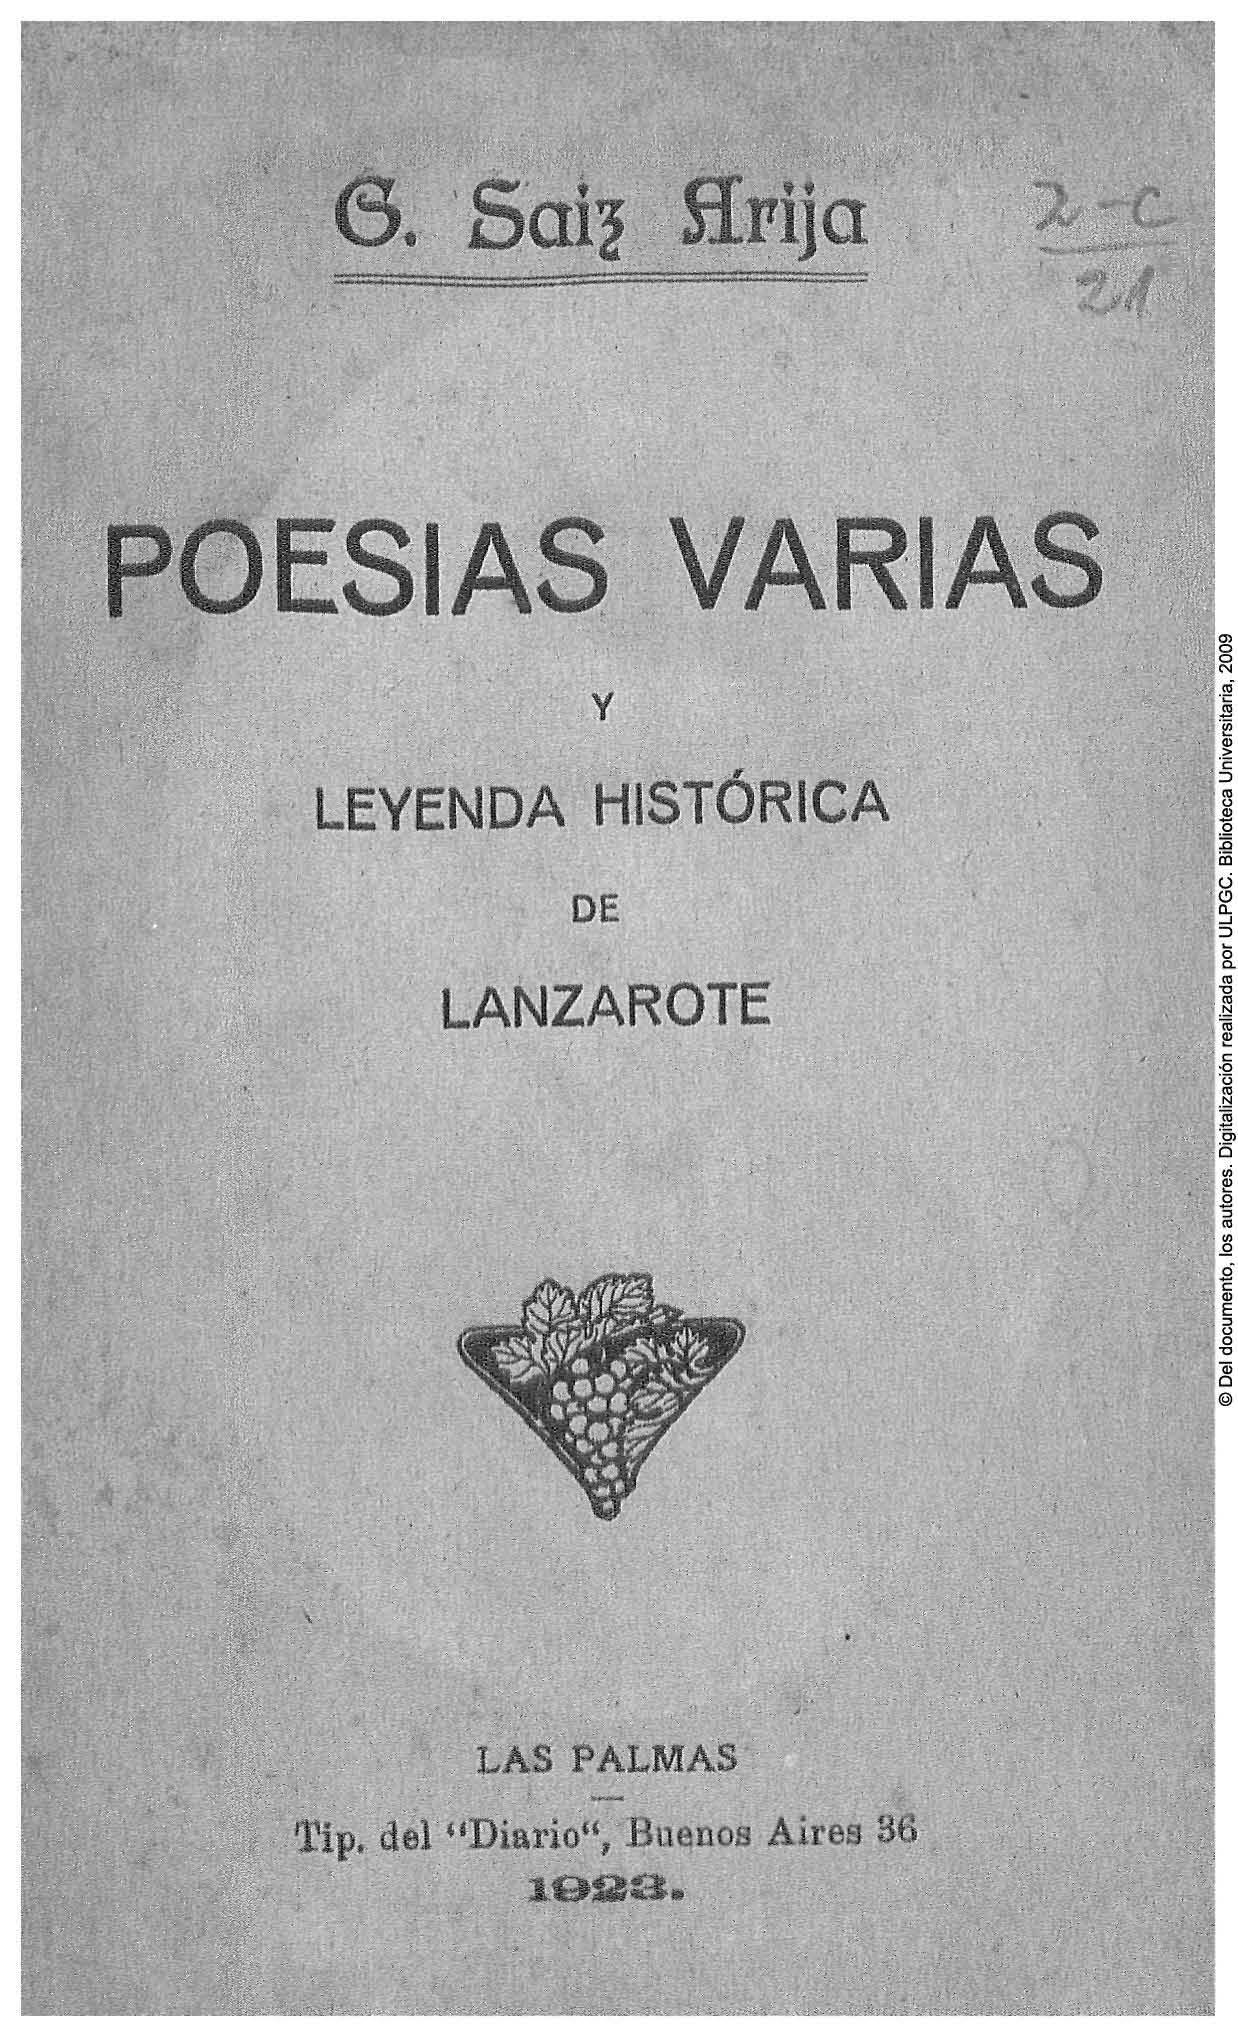 Poesías varias y leyenda histórica de Lanzarote